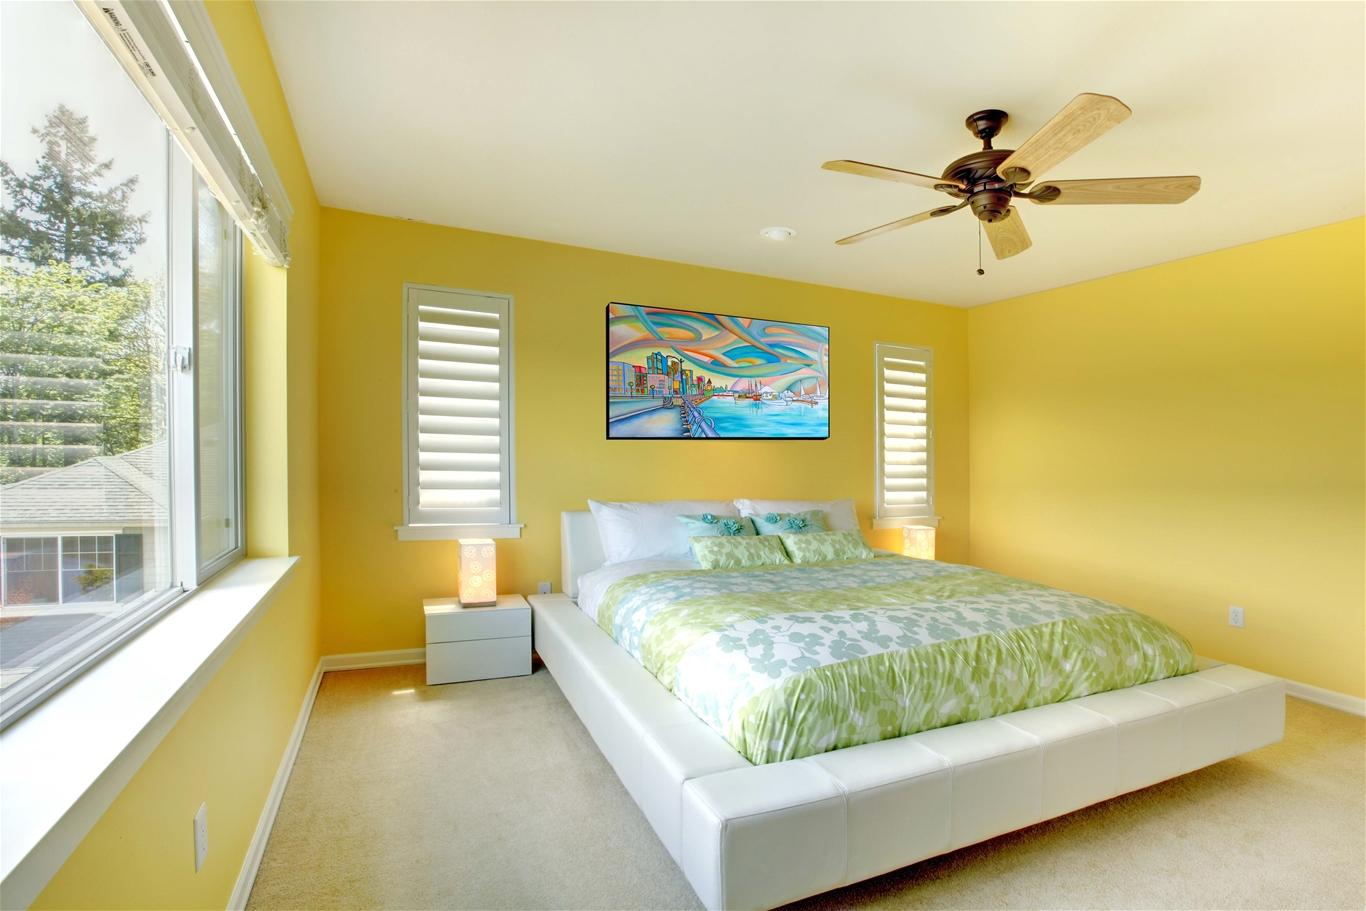 Khi chọn màu sơn cho phòng ngủ cần xác định kích thước căn phòng.